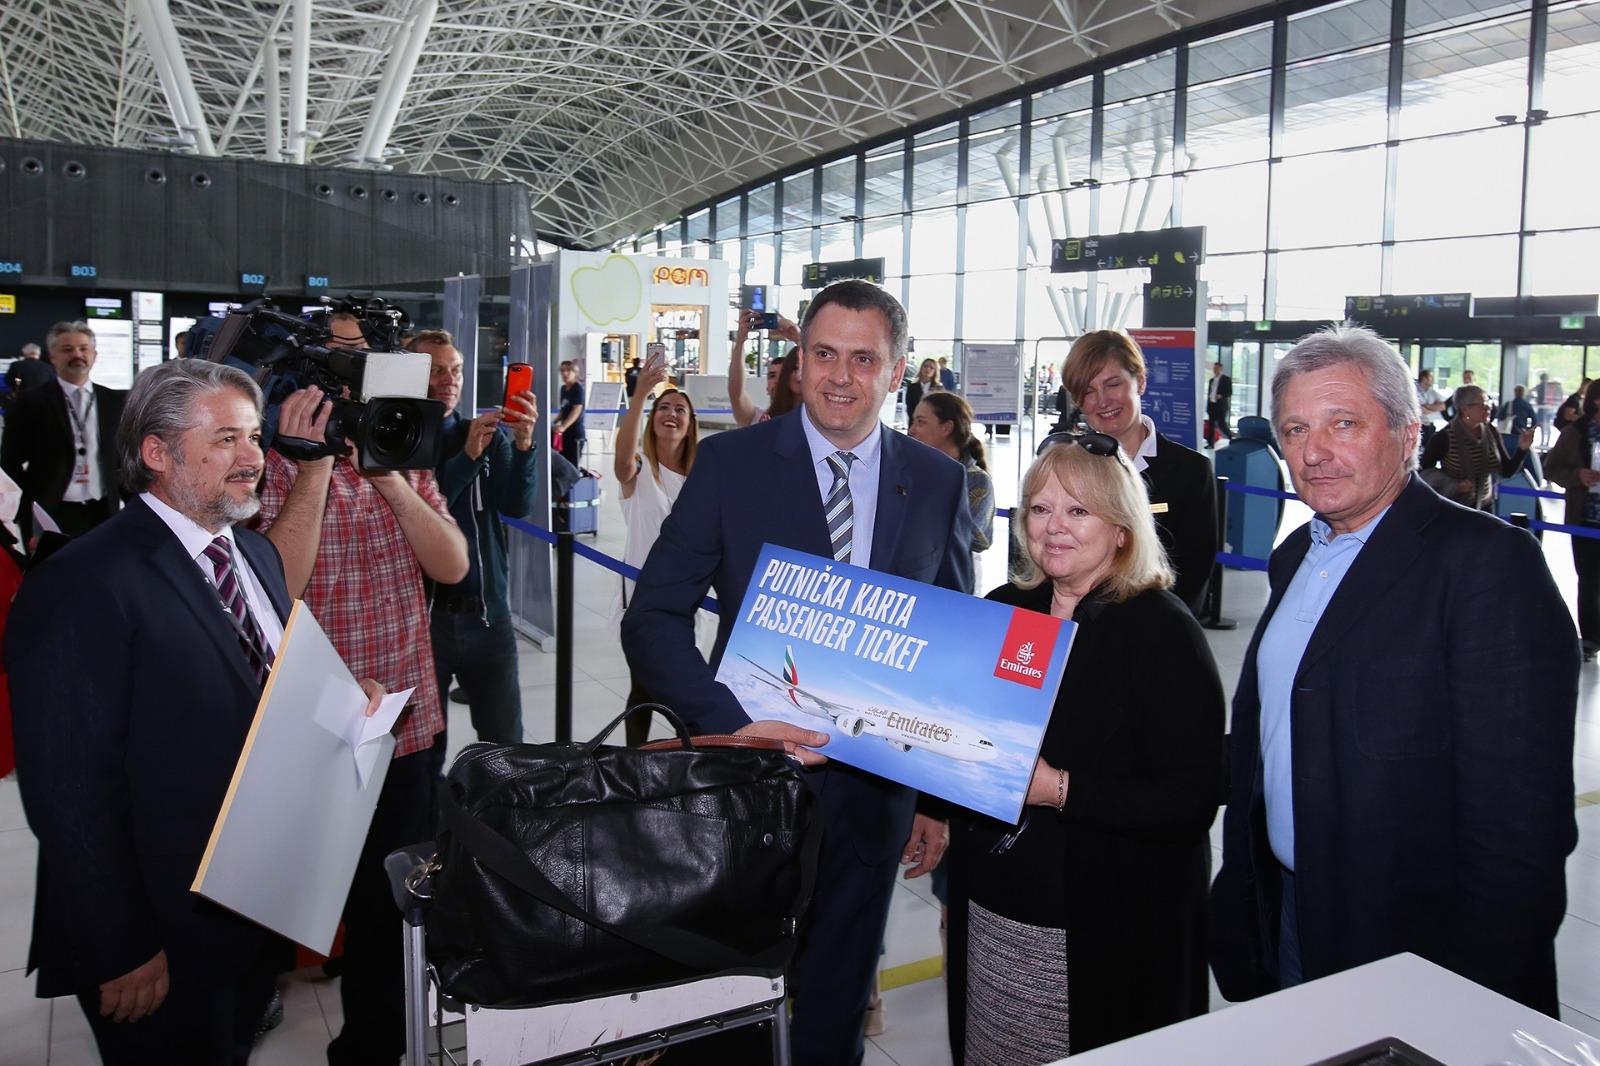 Zračna luka Franjo Tuđman ove godine ranije nego ikad u povijesti dočekala milijuntu putnicu